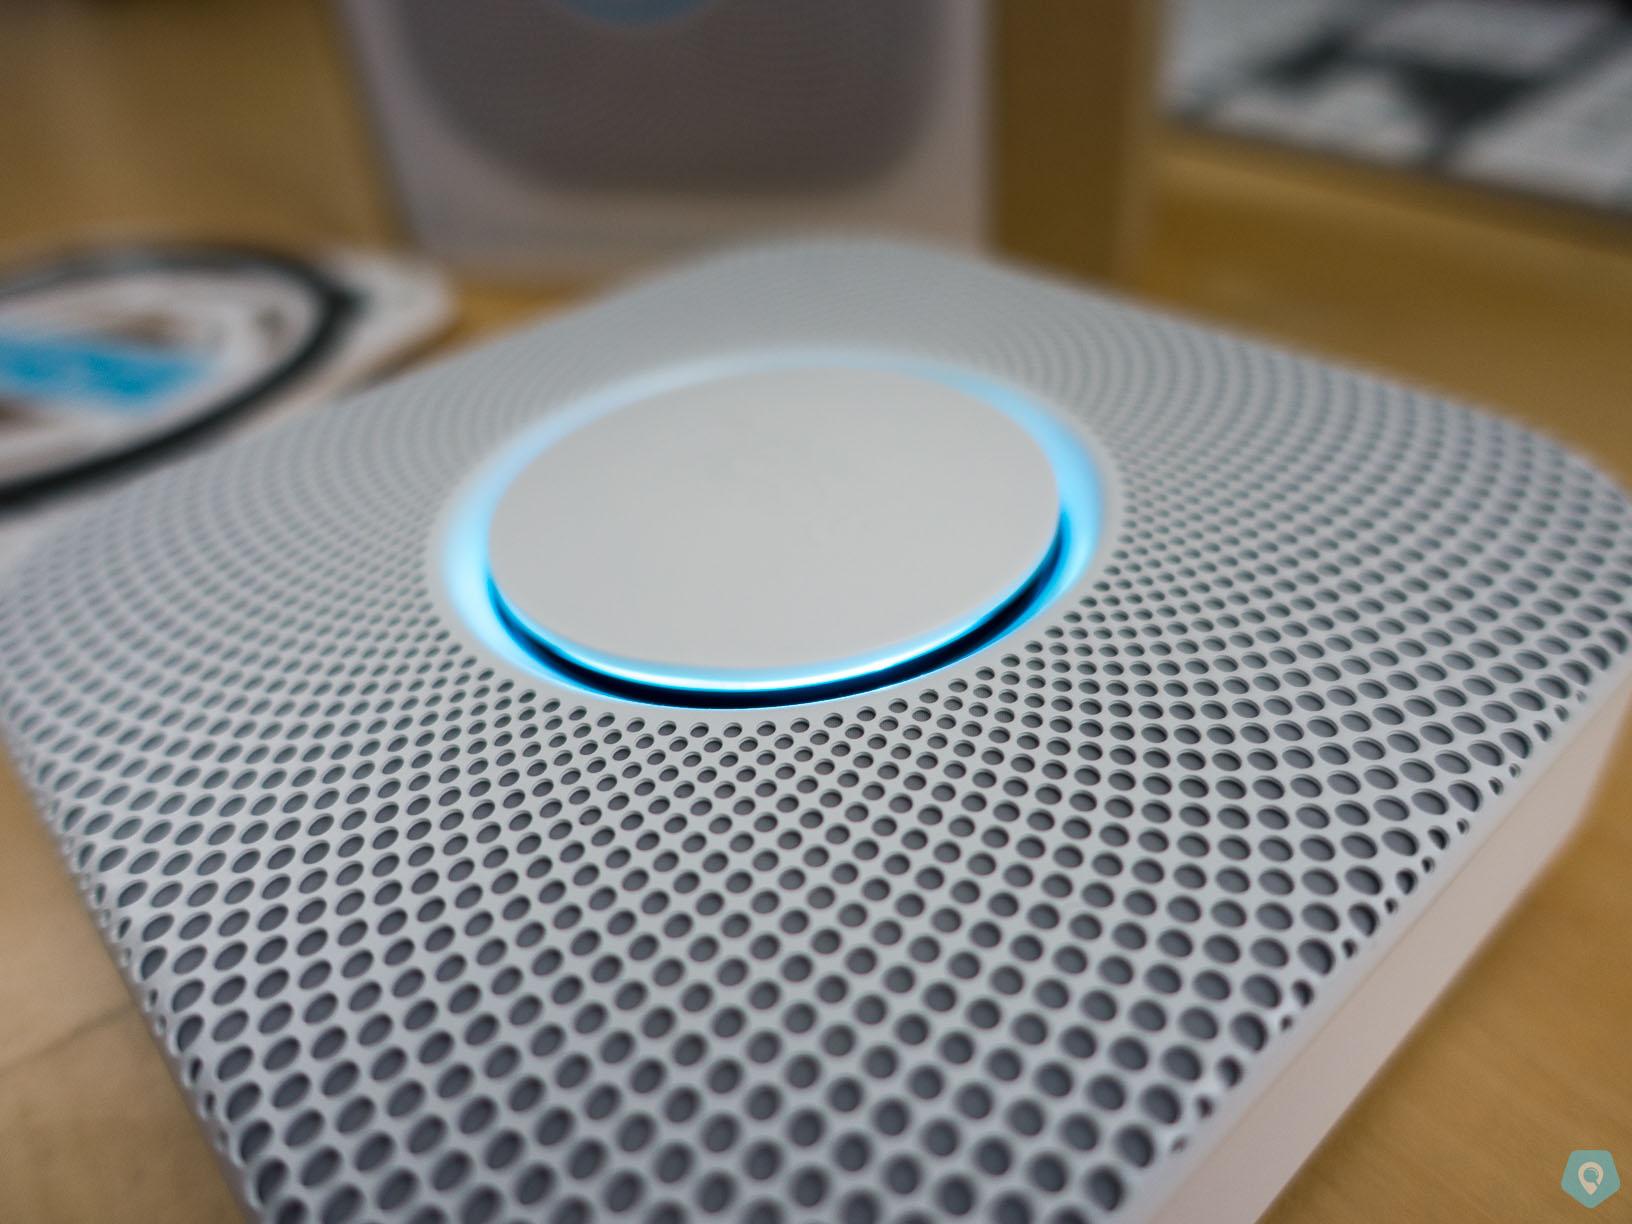 test du nest protect le d tecteur de fum e connect. Black Bedroom Furniture Sets. Home Design Ideas